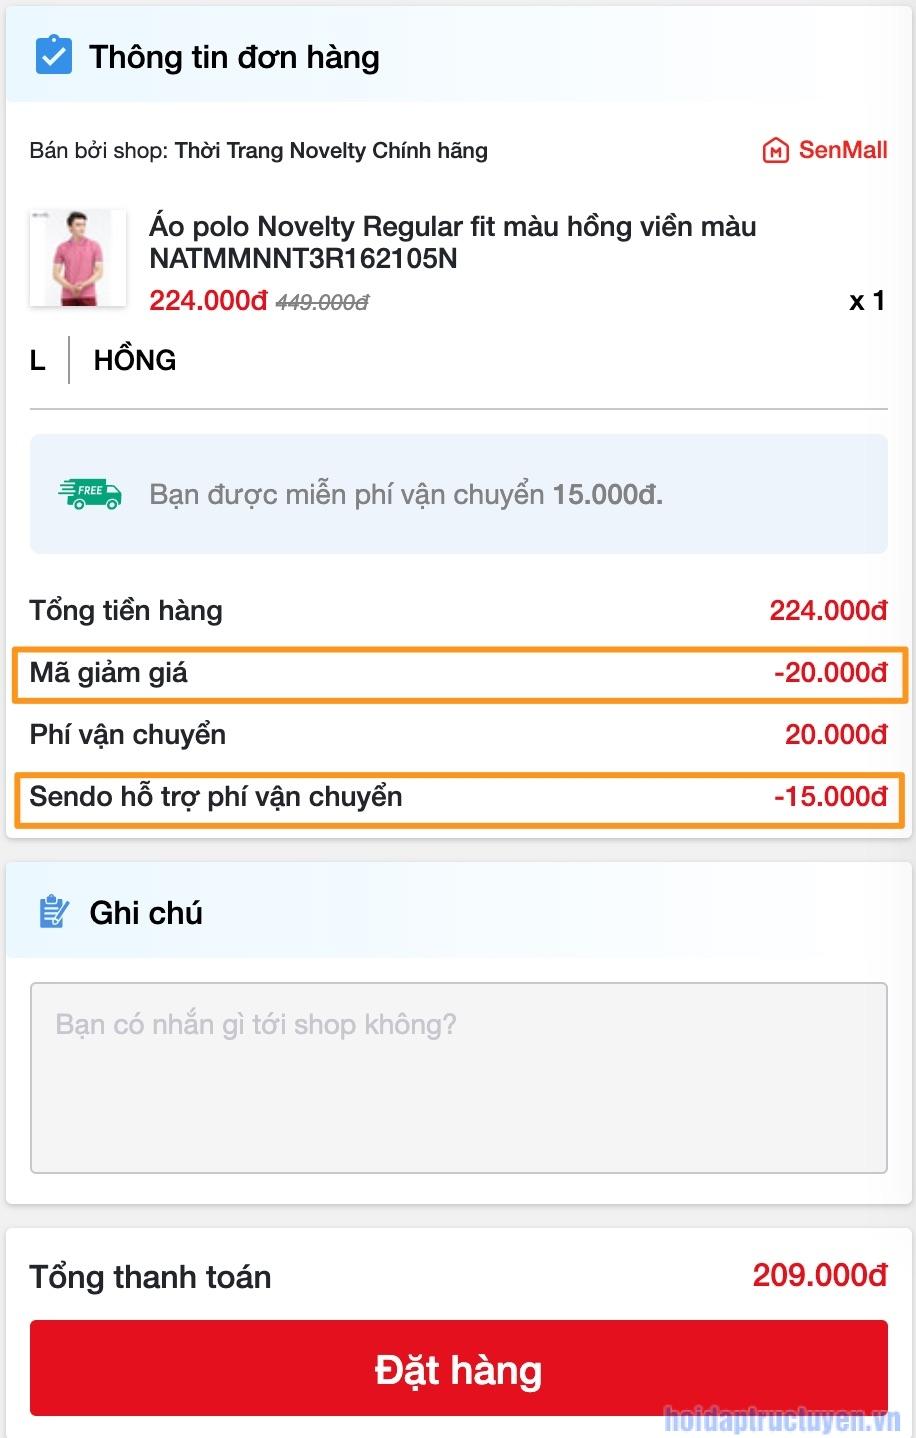 sử dụng mã giảm giá để đặt hàng Sendo